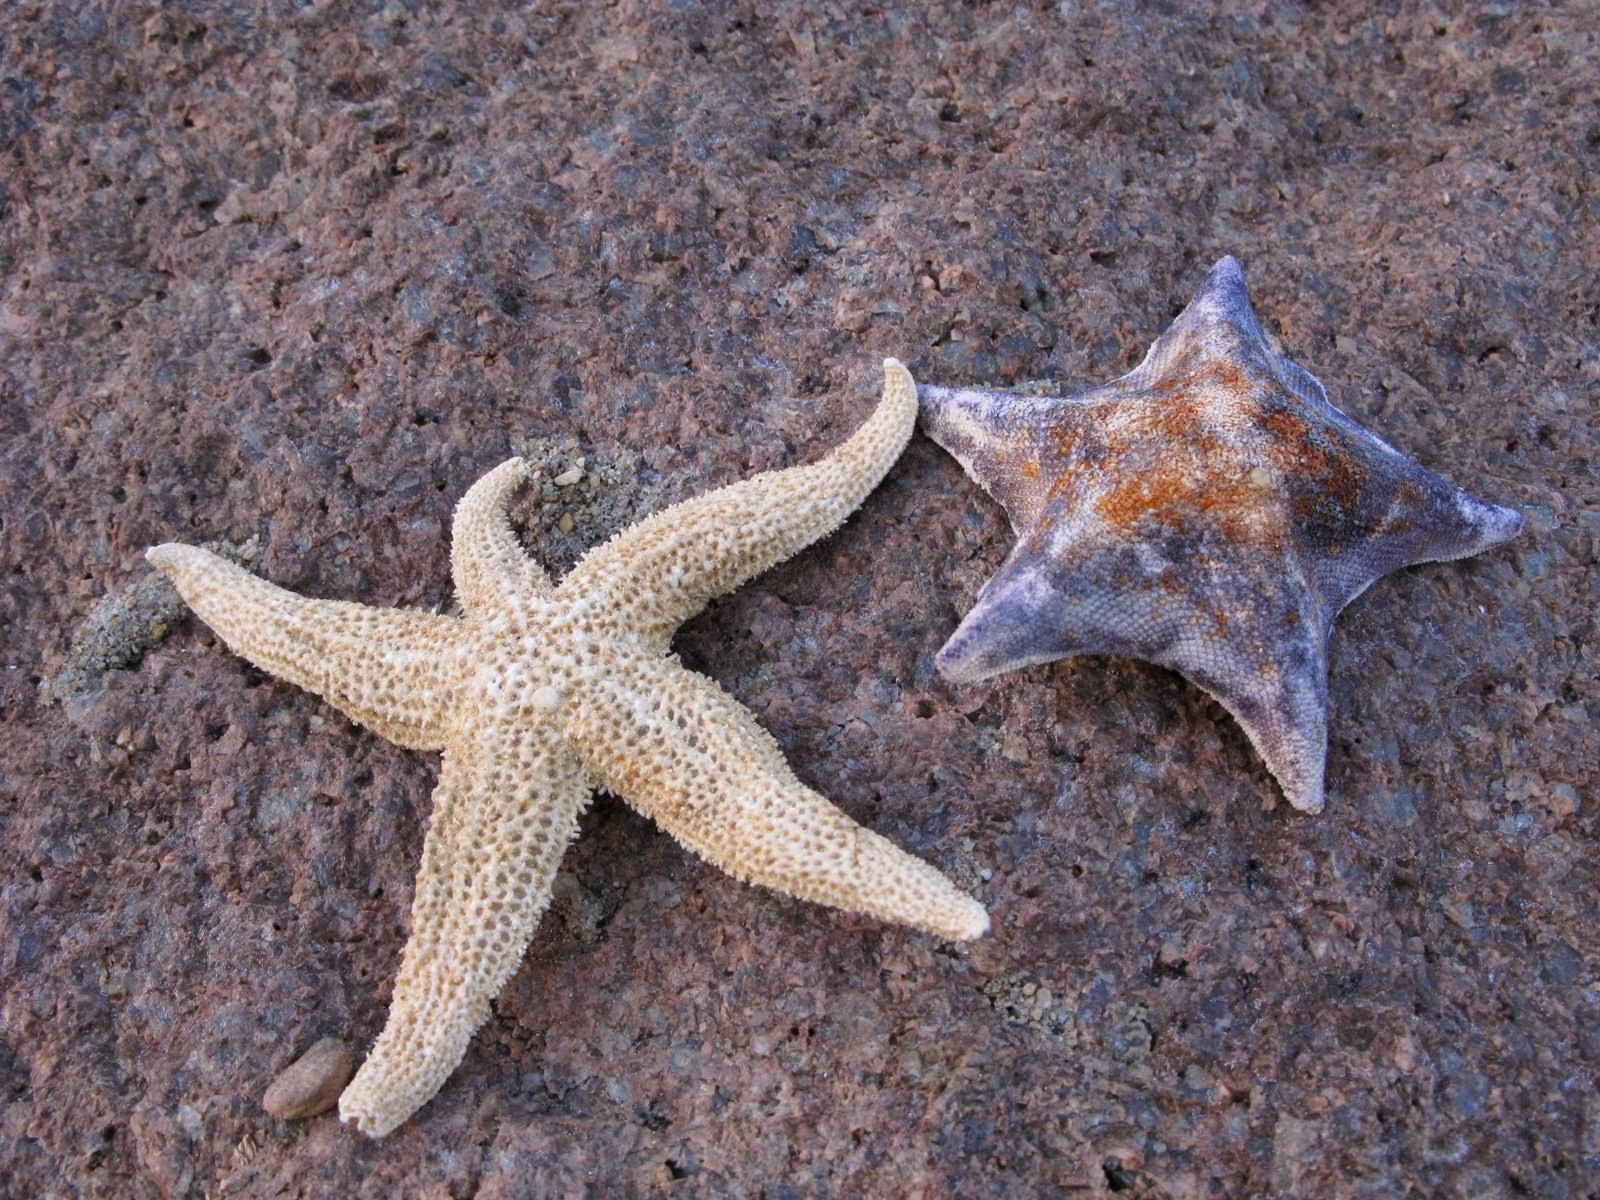 خلفية حيوان نجم البحر الجميلة